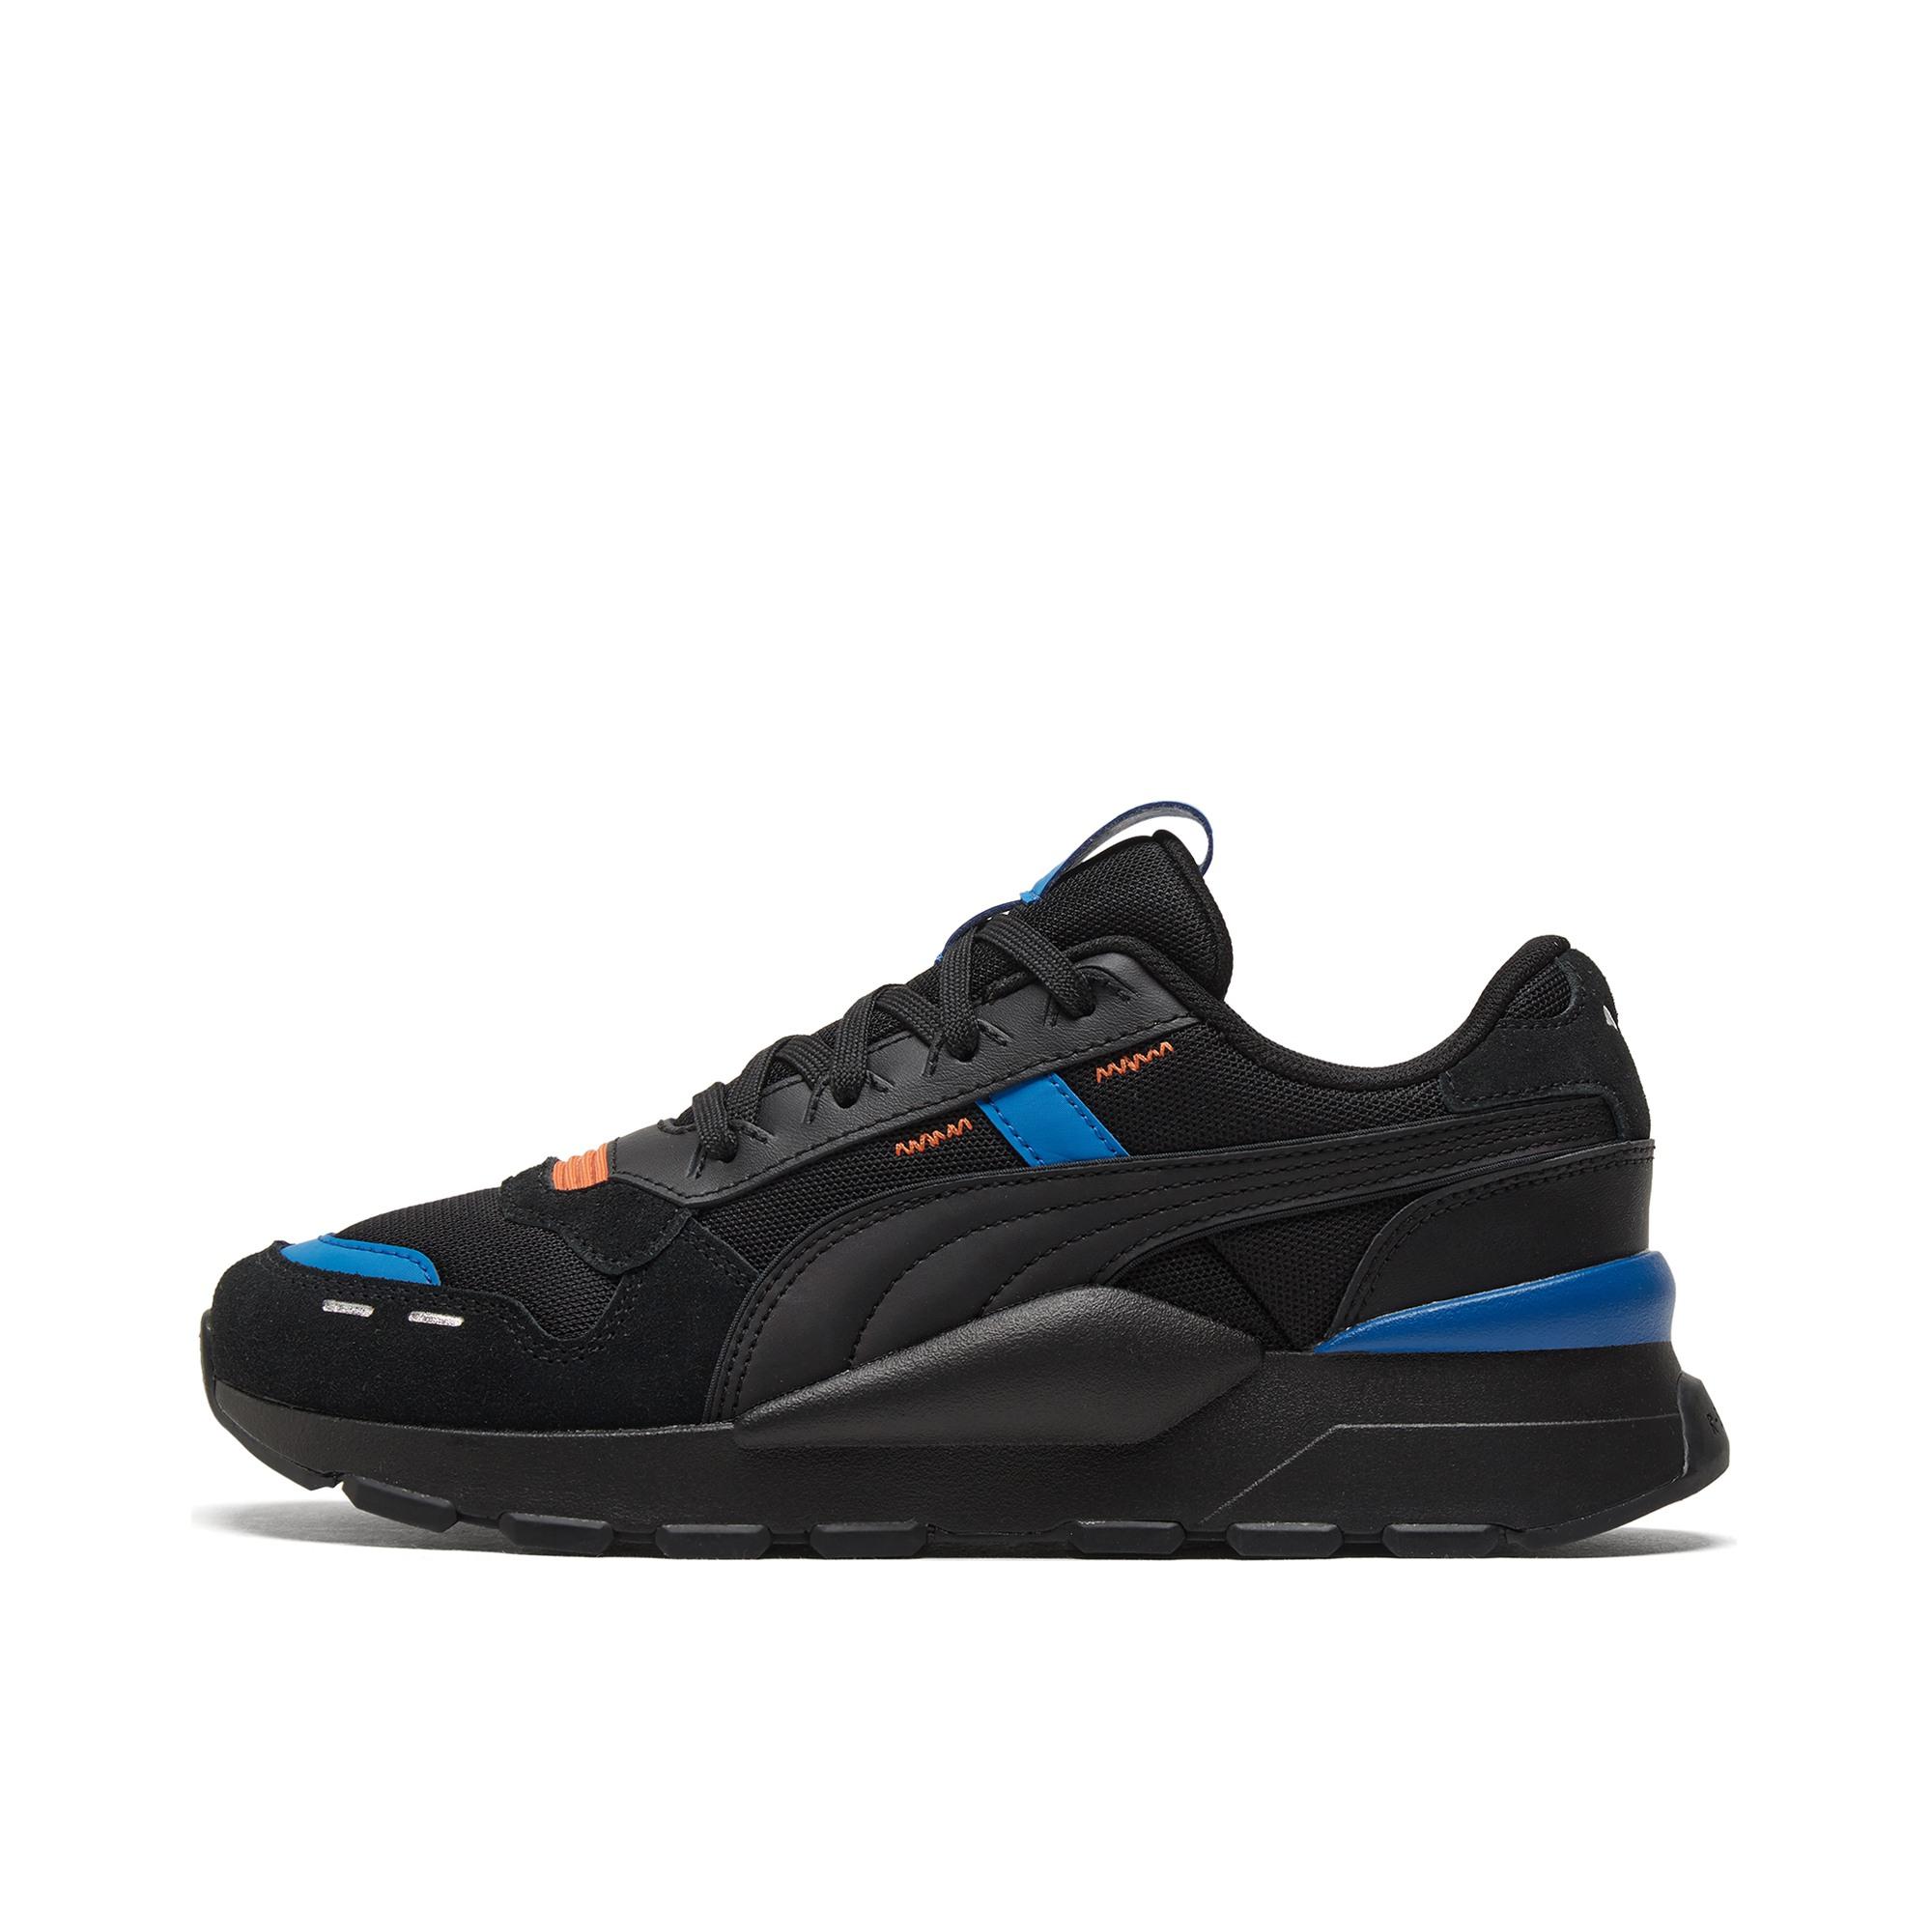 双11预售:PUMA 彪马 RS 2.0 374013 中性休闲运动鞋 279元包邮